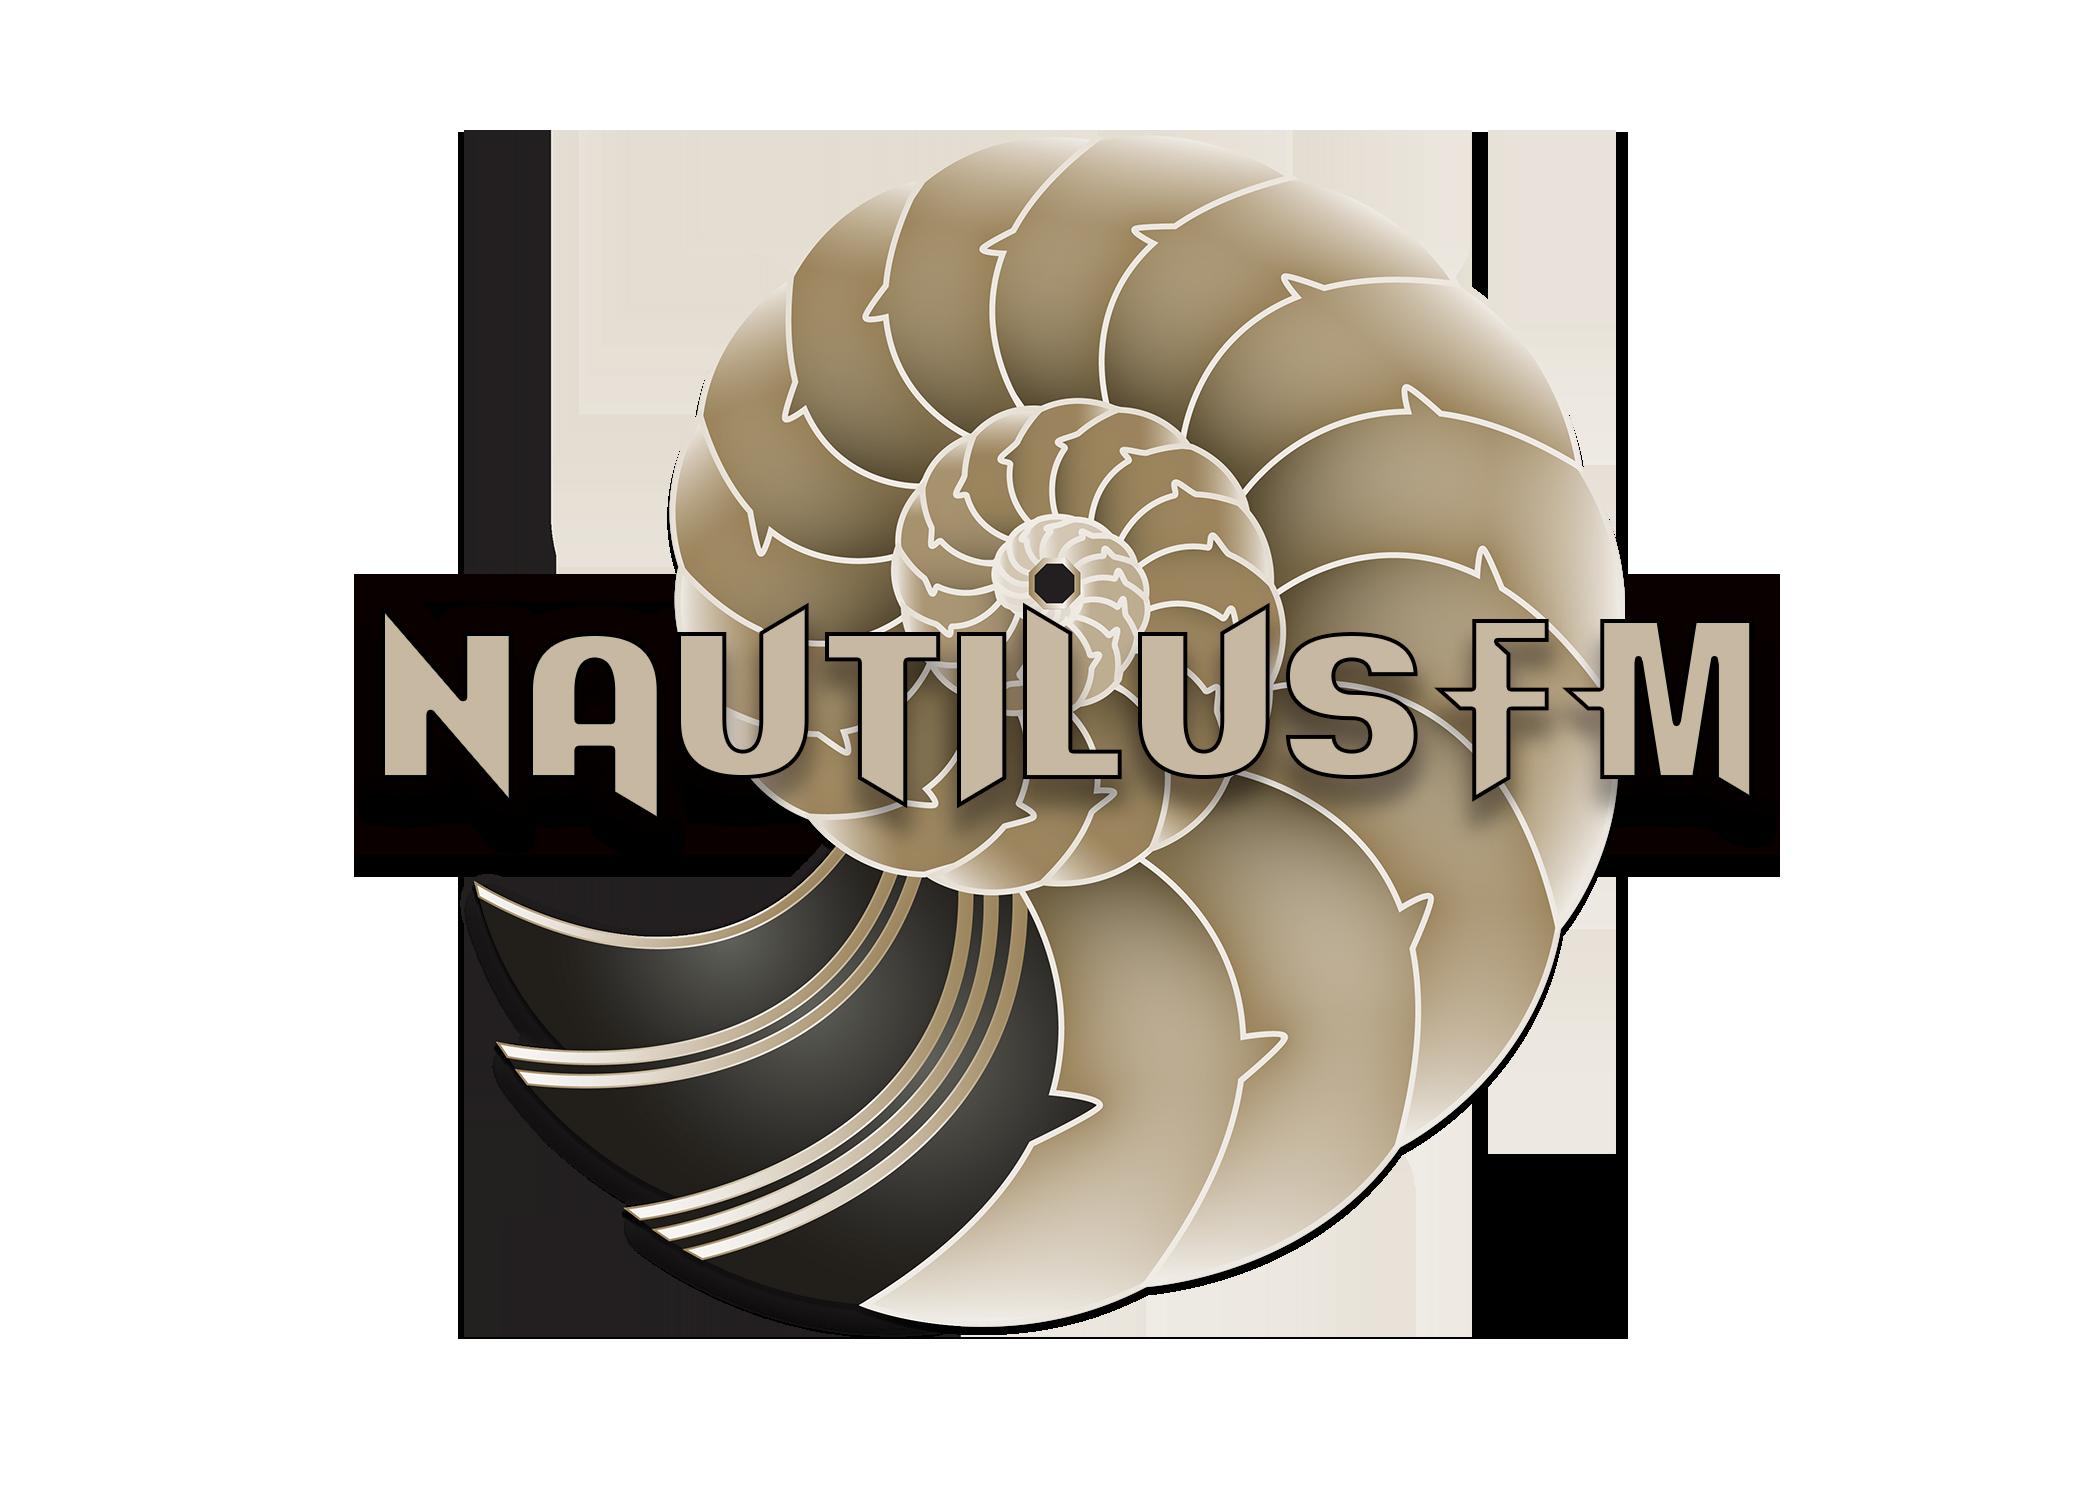 NautilusFM - A Development Framework for FileMaker™